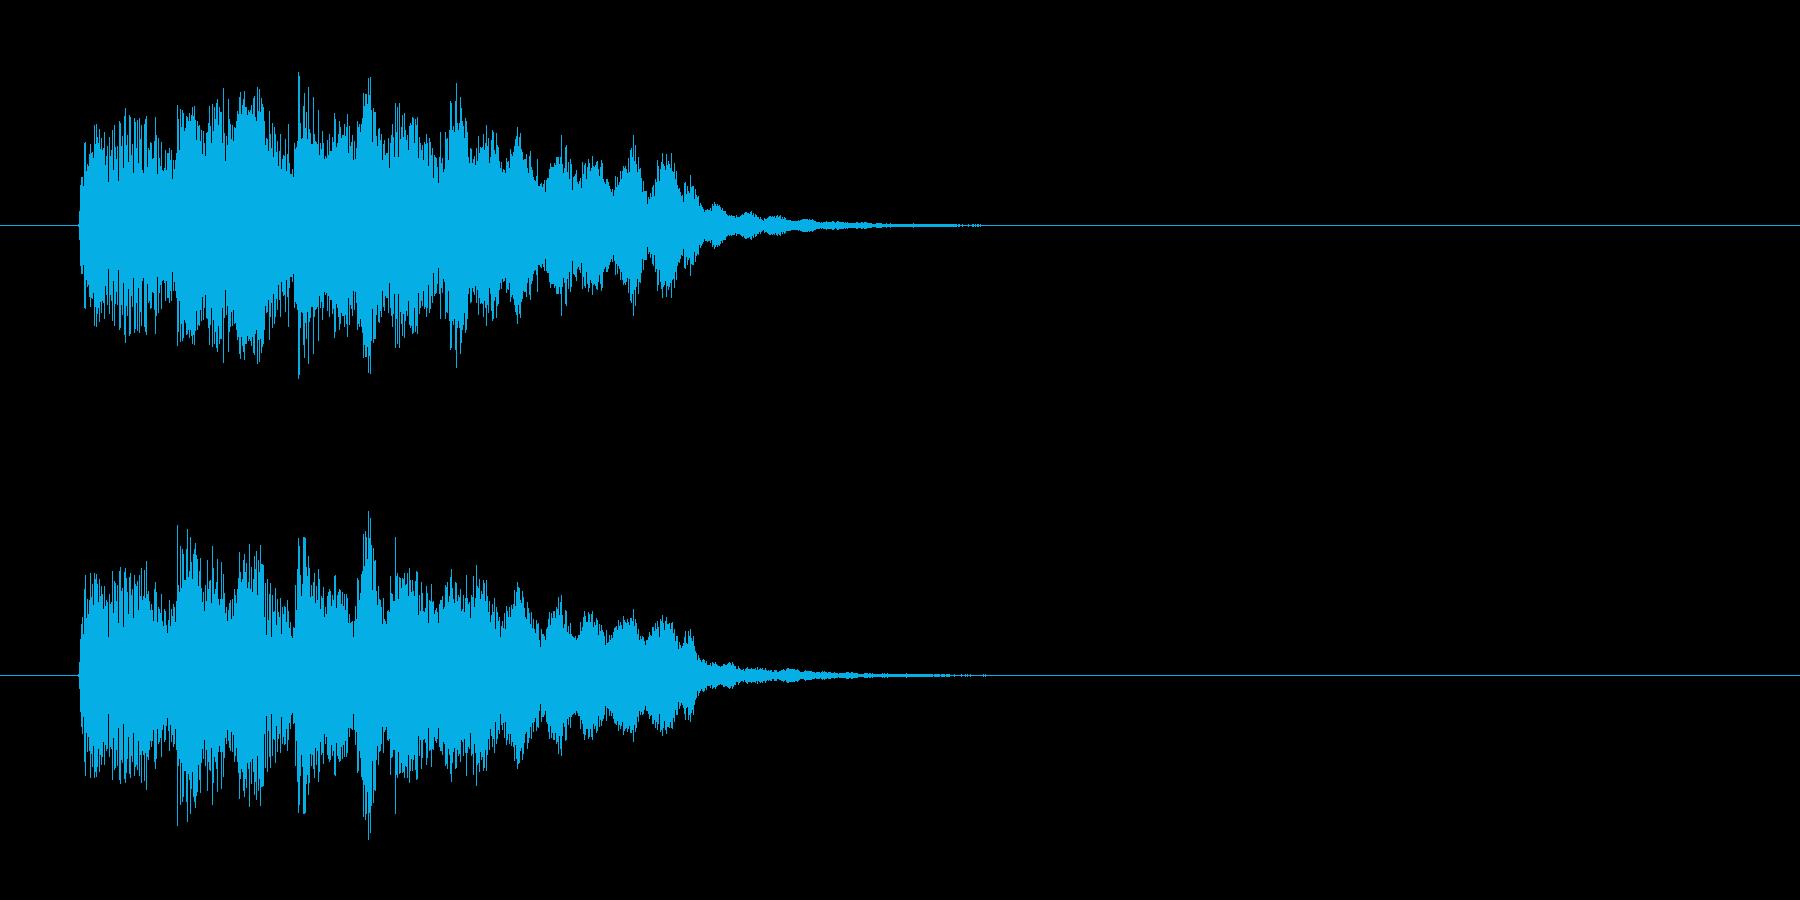 ヒューマン・アコースティック風ジングルの再生済みの波形